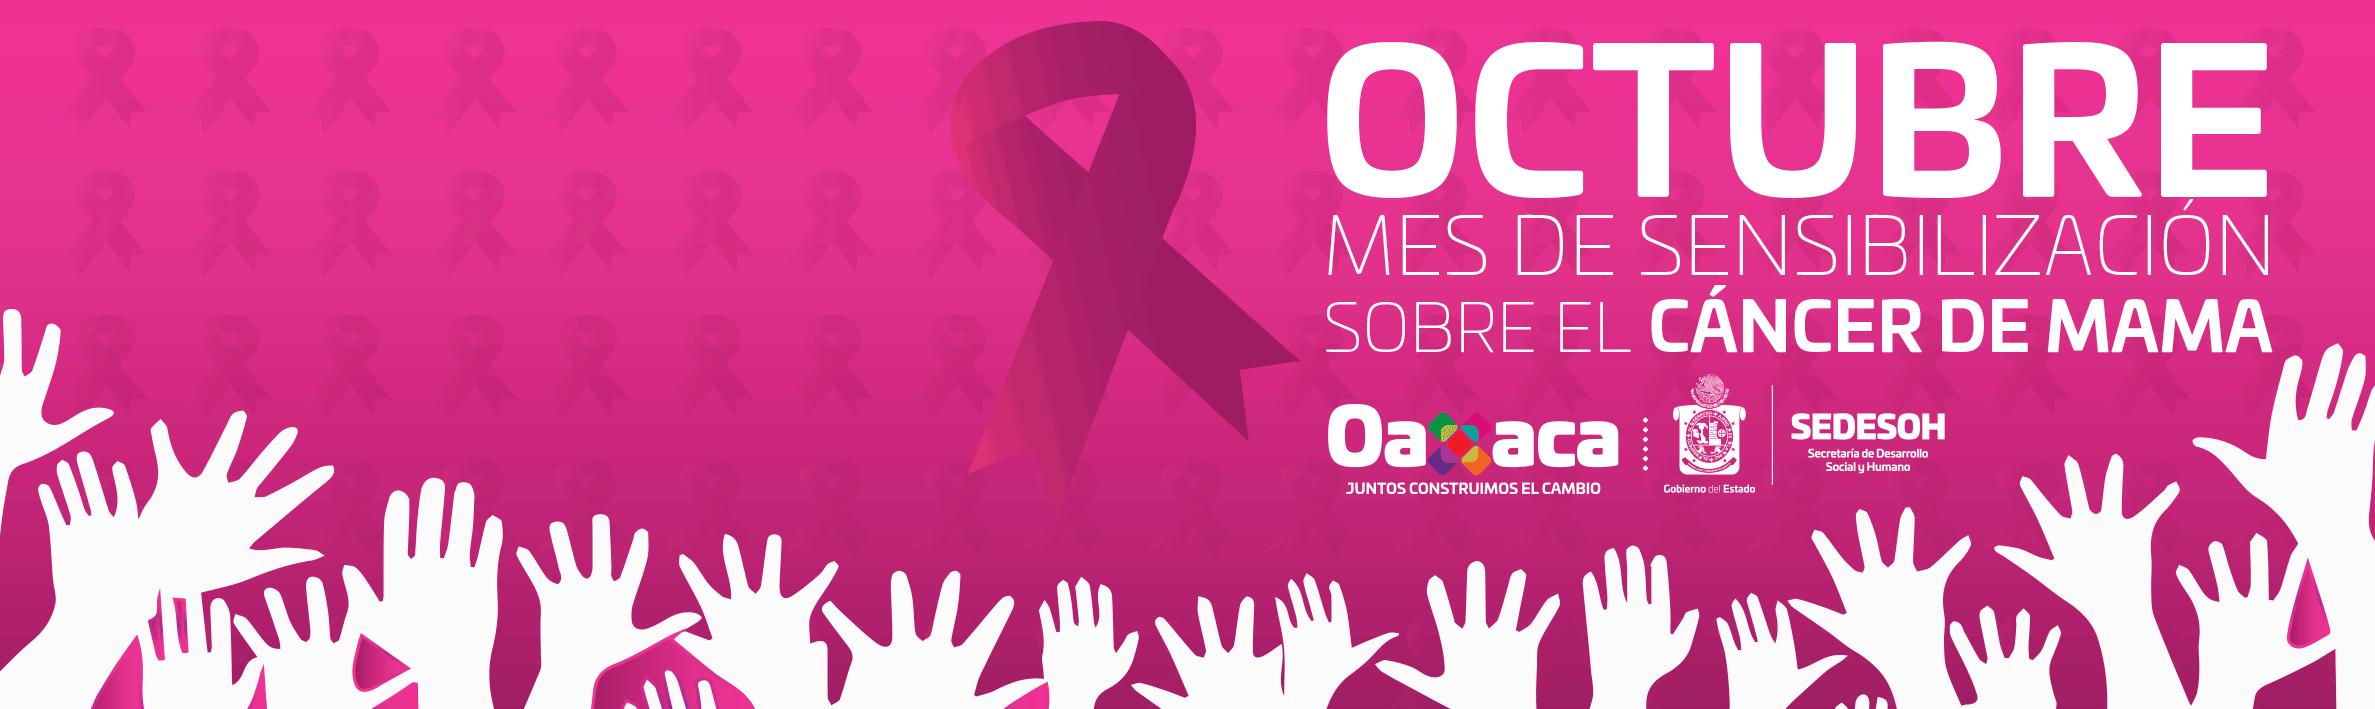 octubre mes cáncer de mama